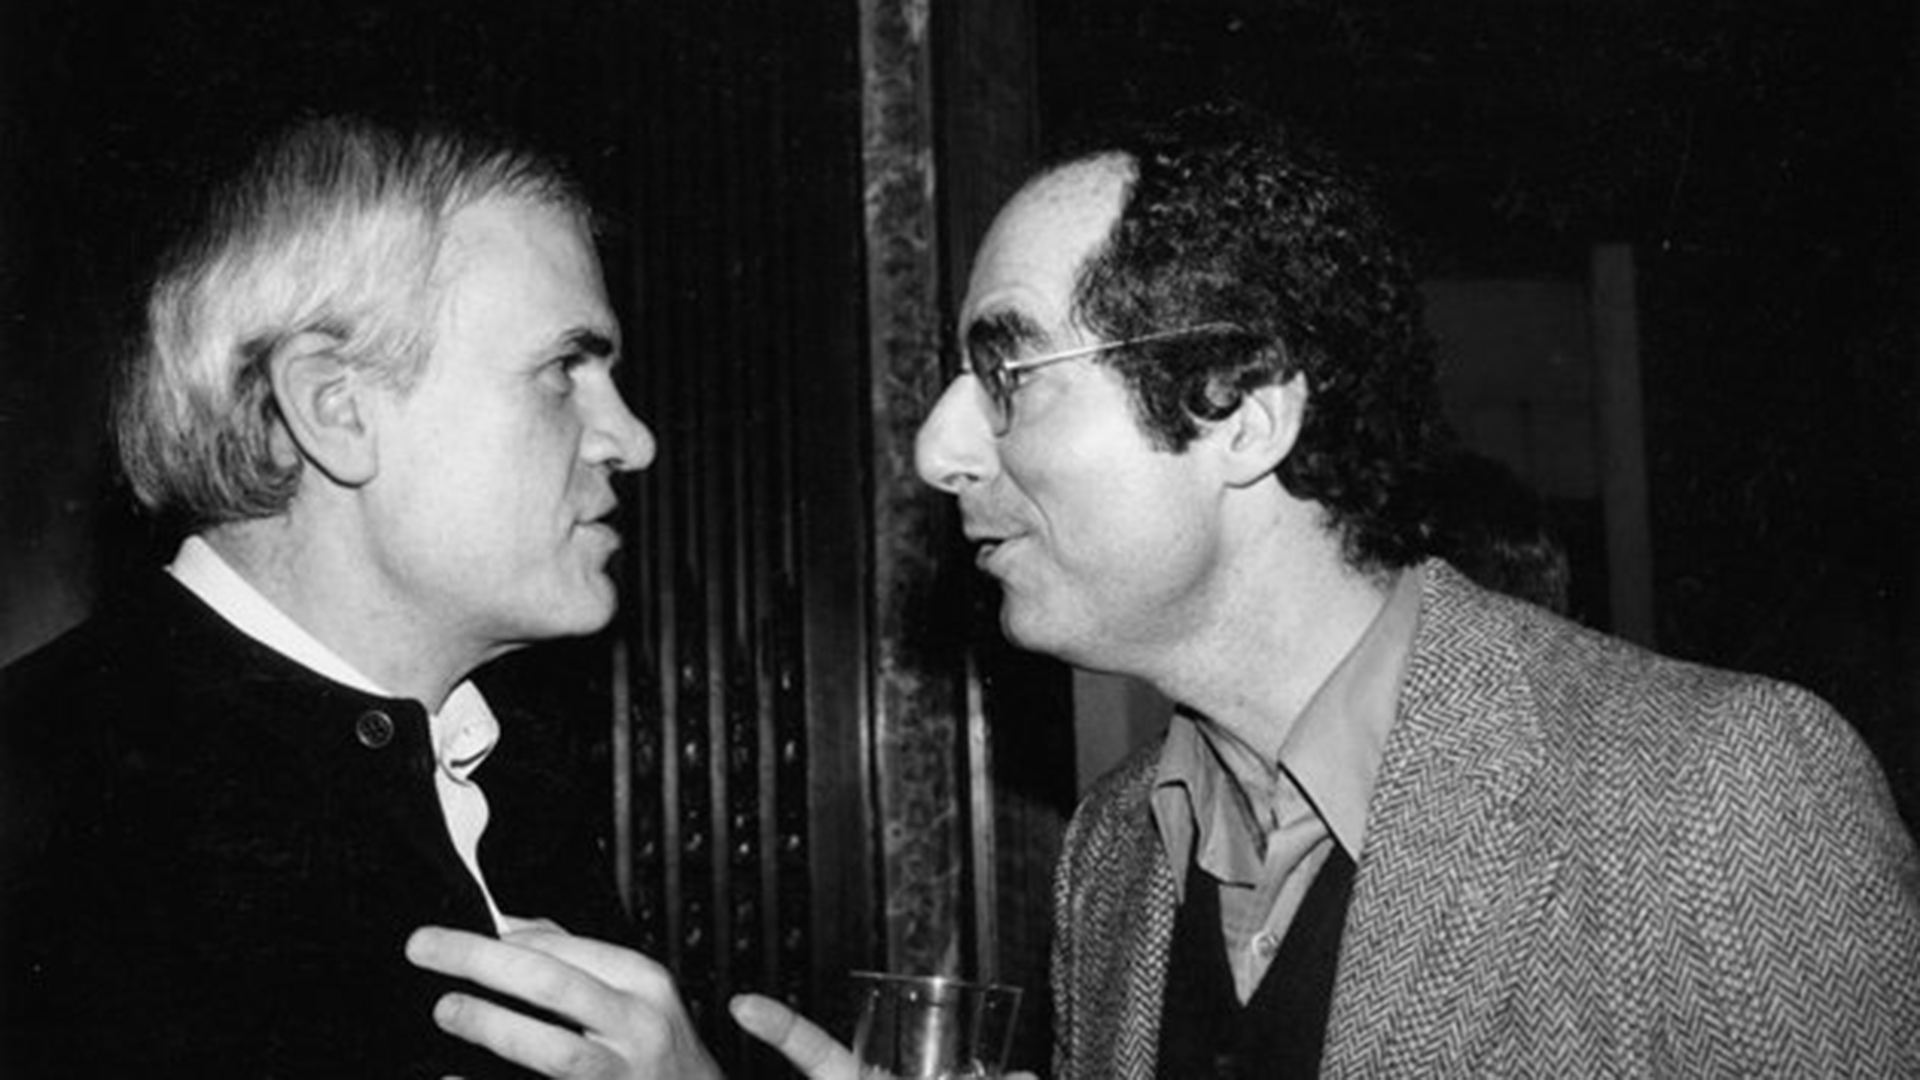 Junto a Milan Kundera, el reconocido escritor checo, con quientuvo una estrecha relación